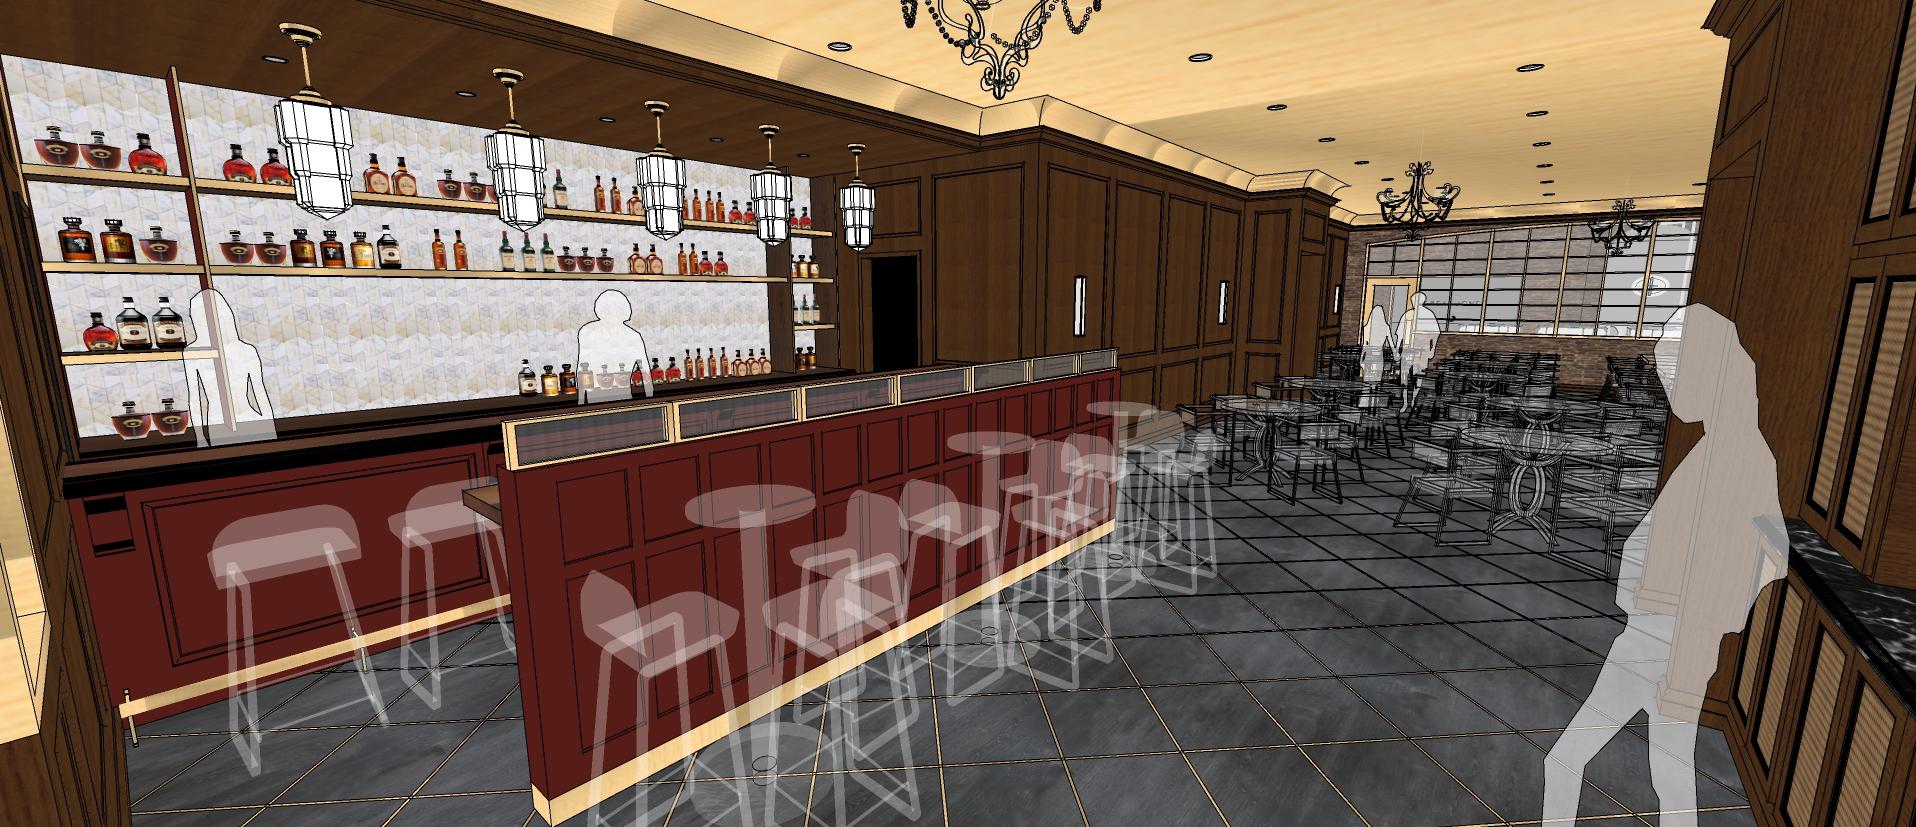 16043_Restaurant1.jpg